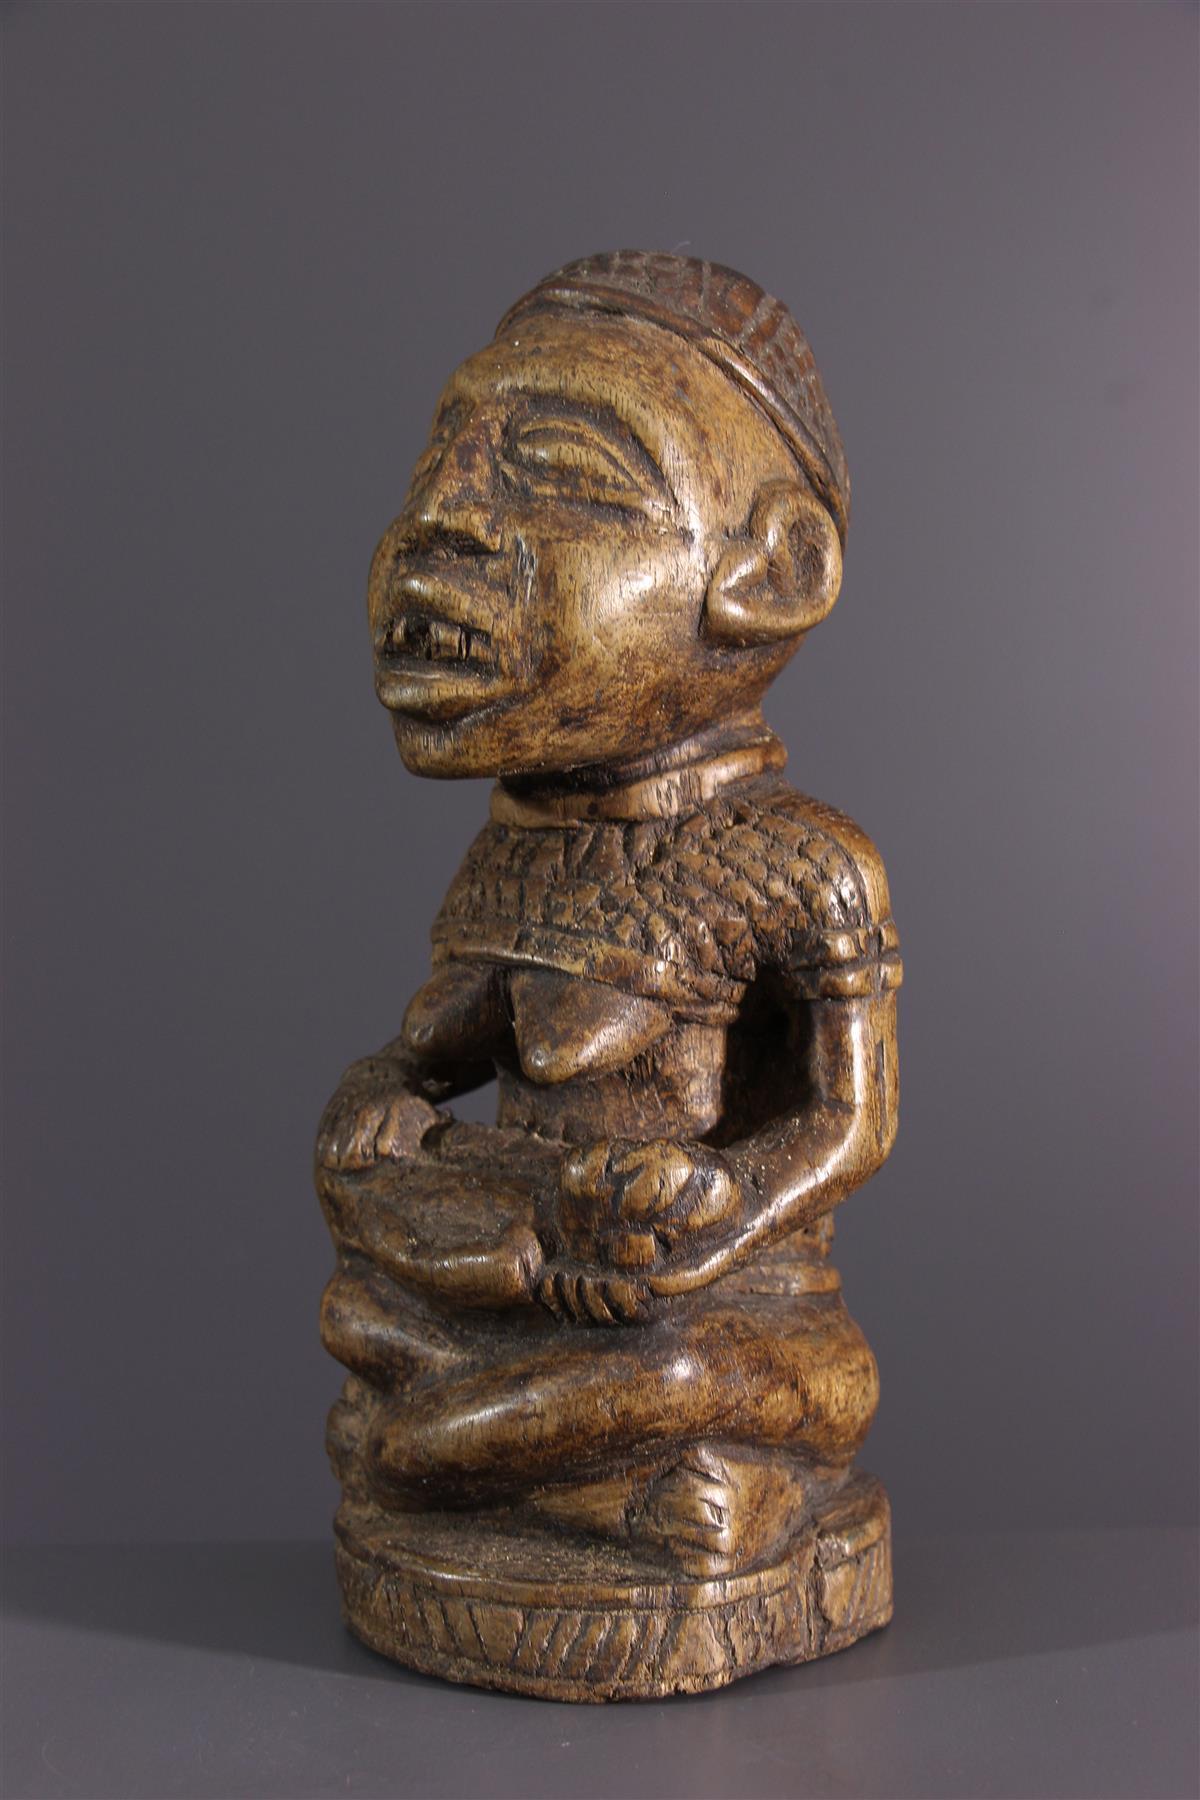 Statue of Congo - African art